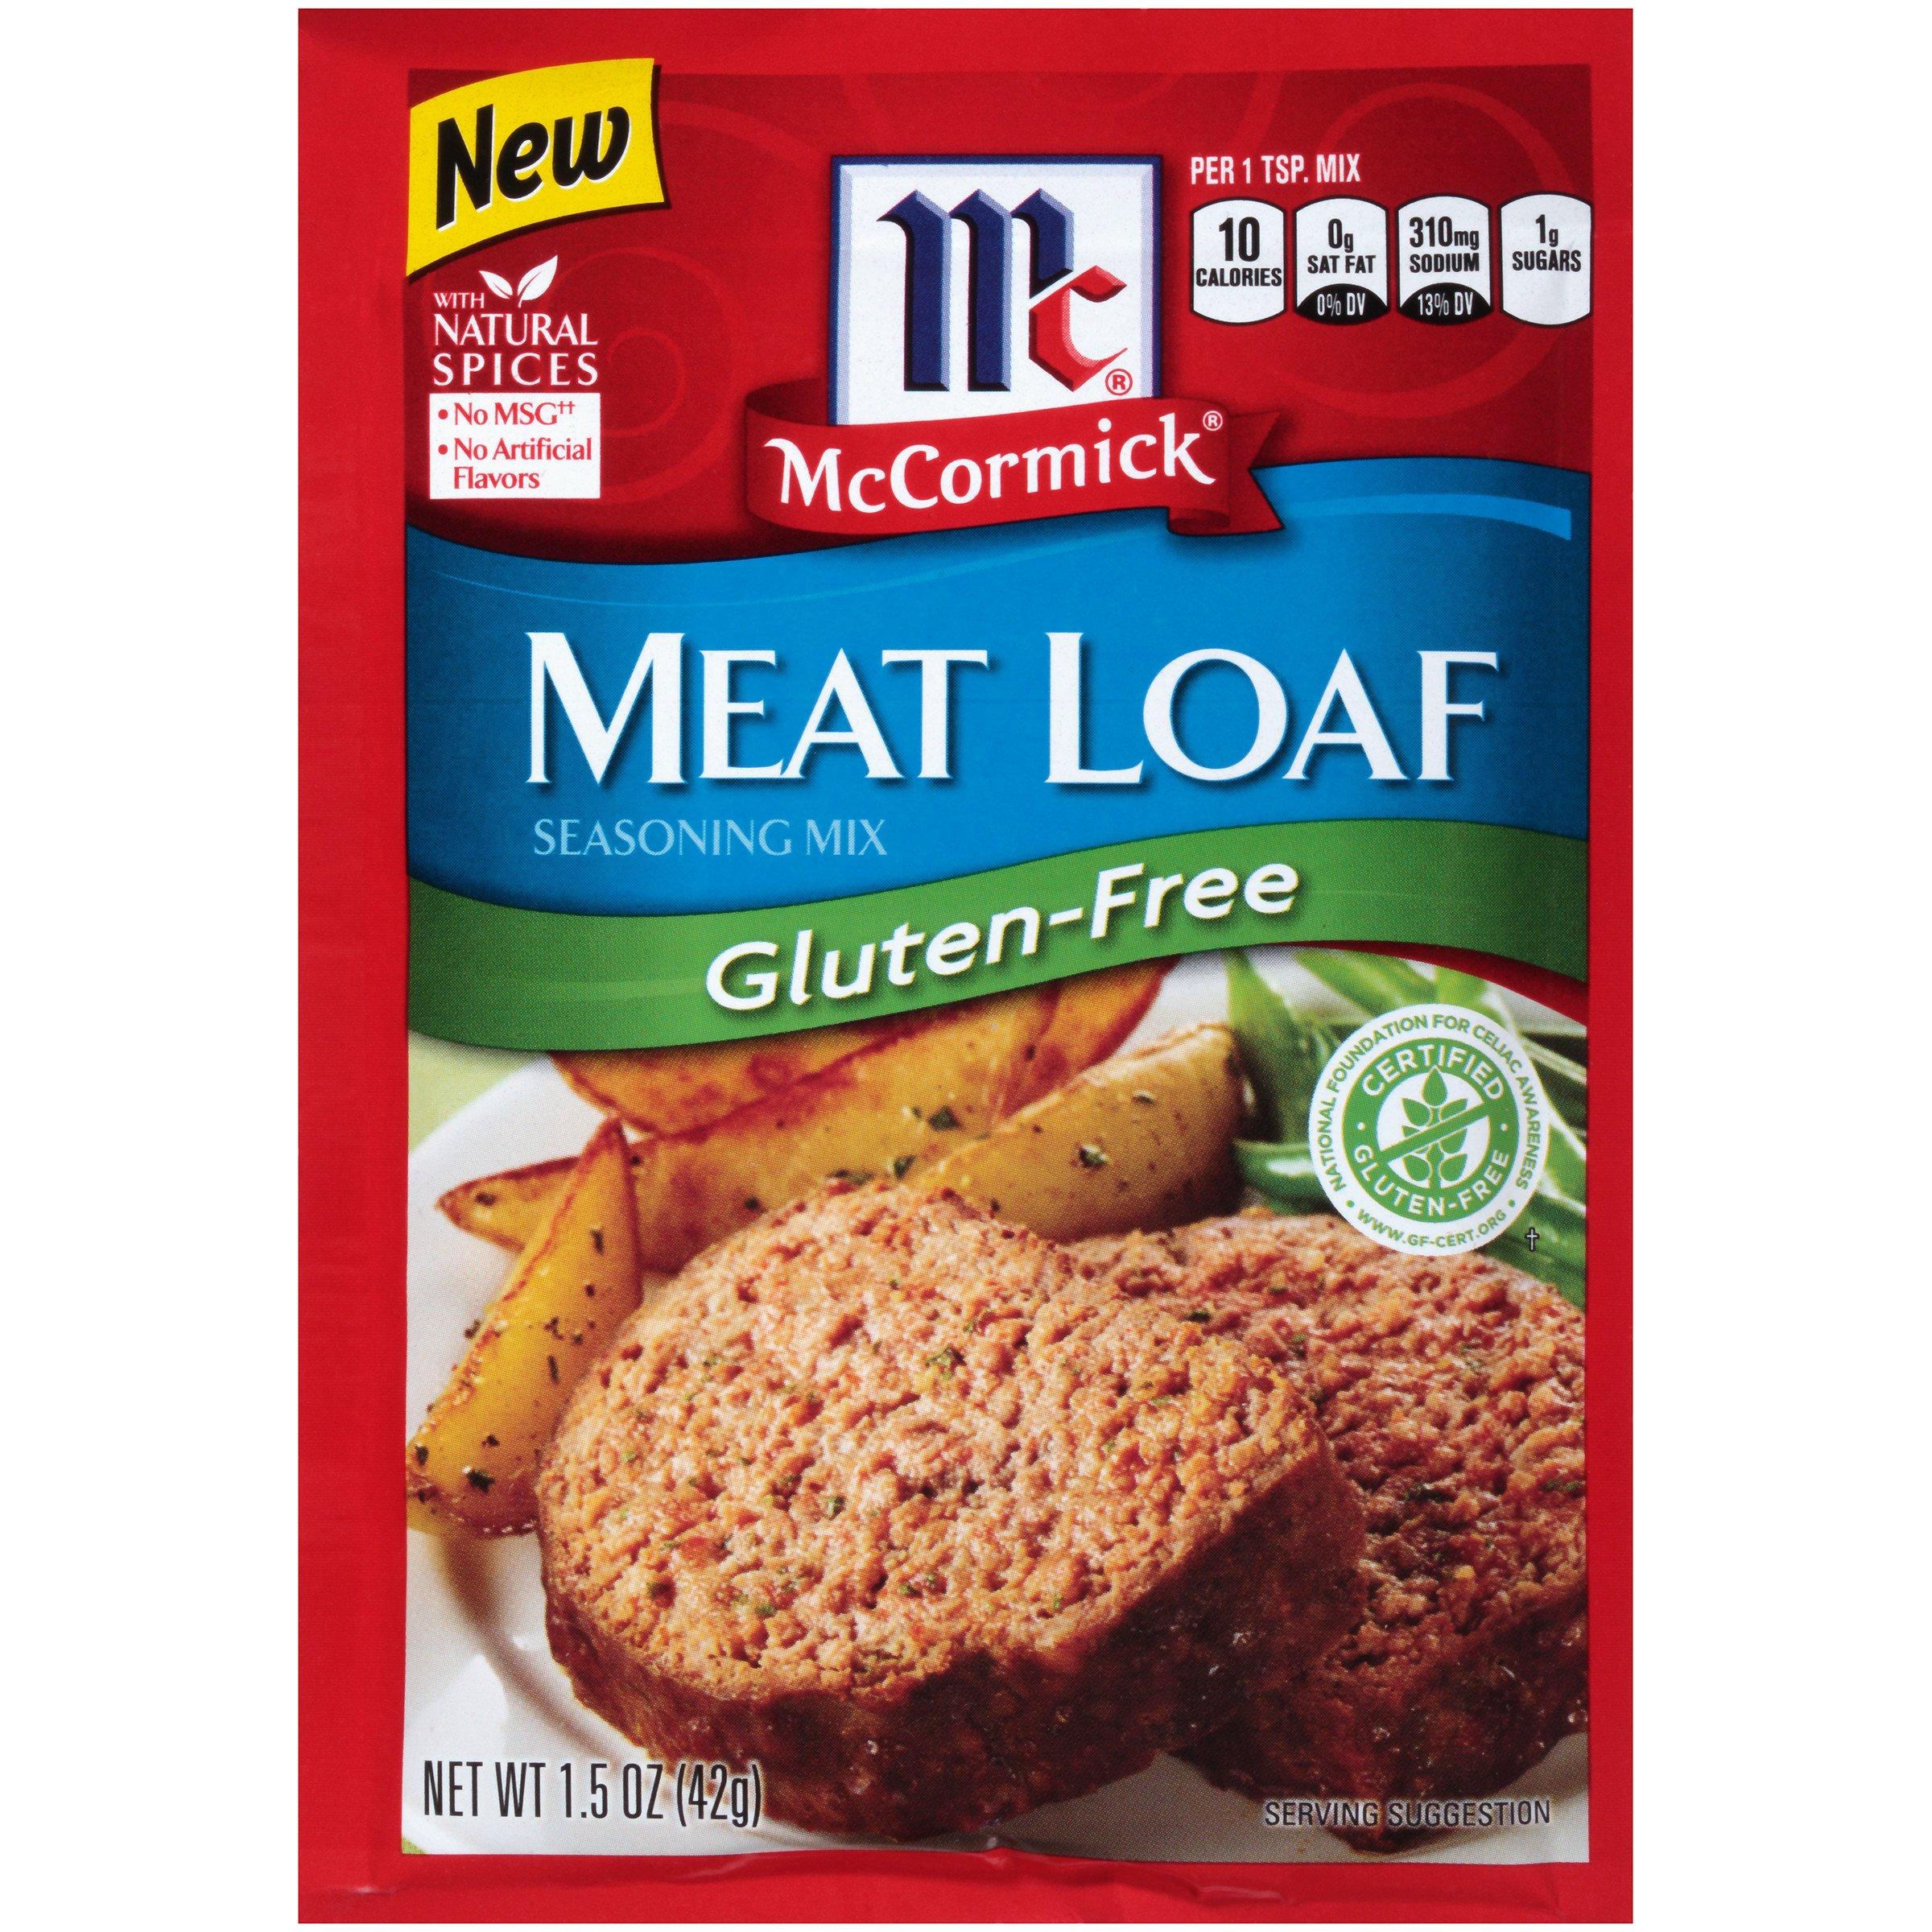 McCormick Gluten Free Meatloaf Seasoning, 1.5 oz